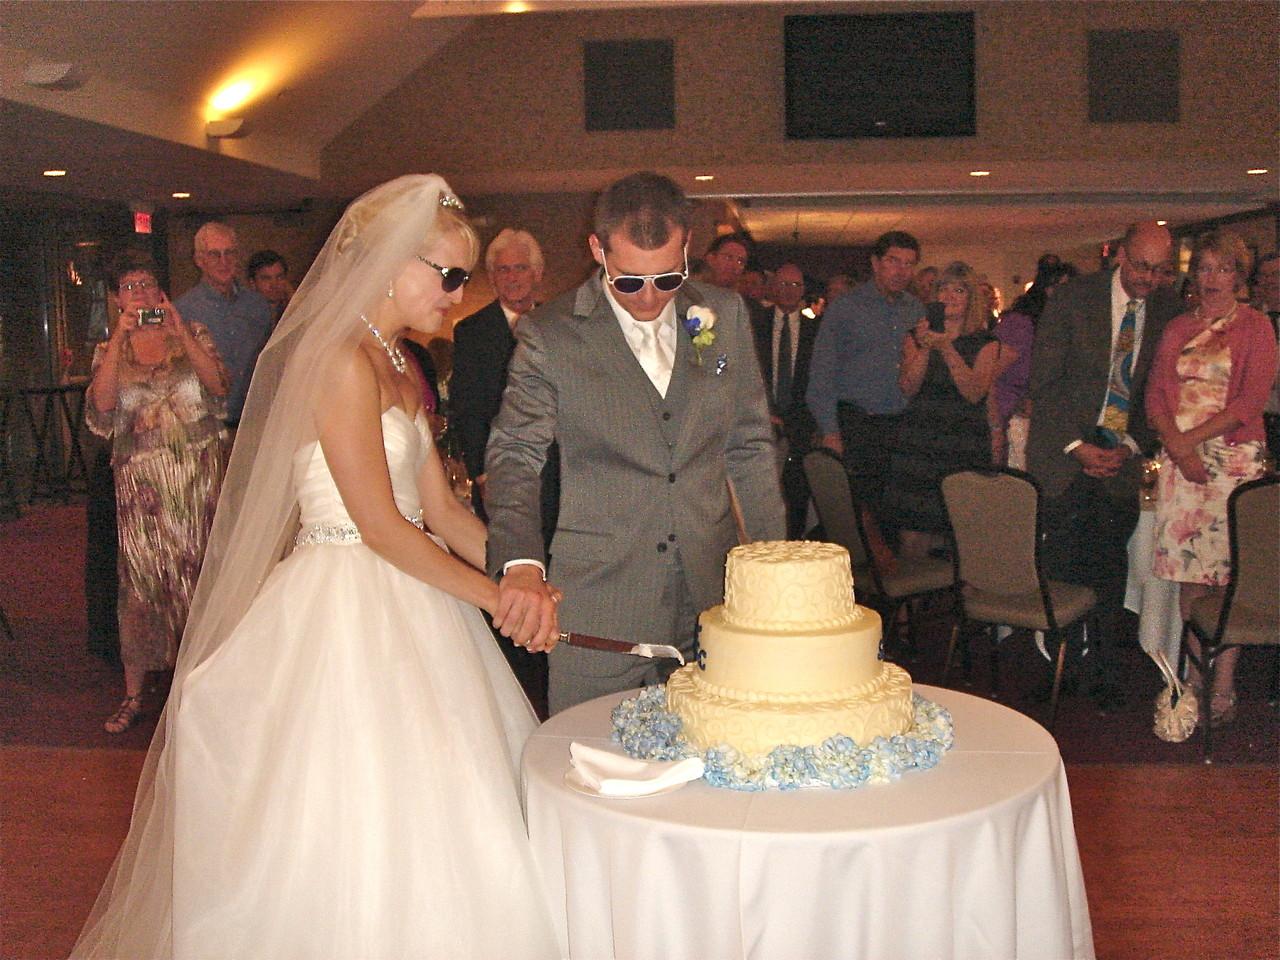 Sarah & Corey cut the cake